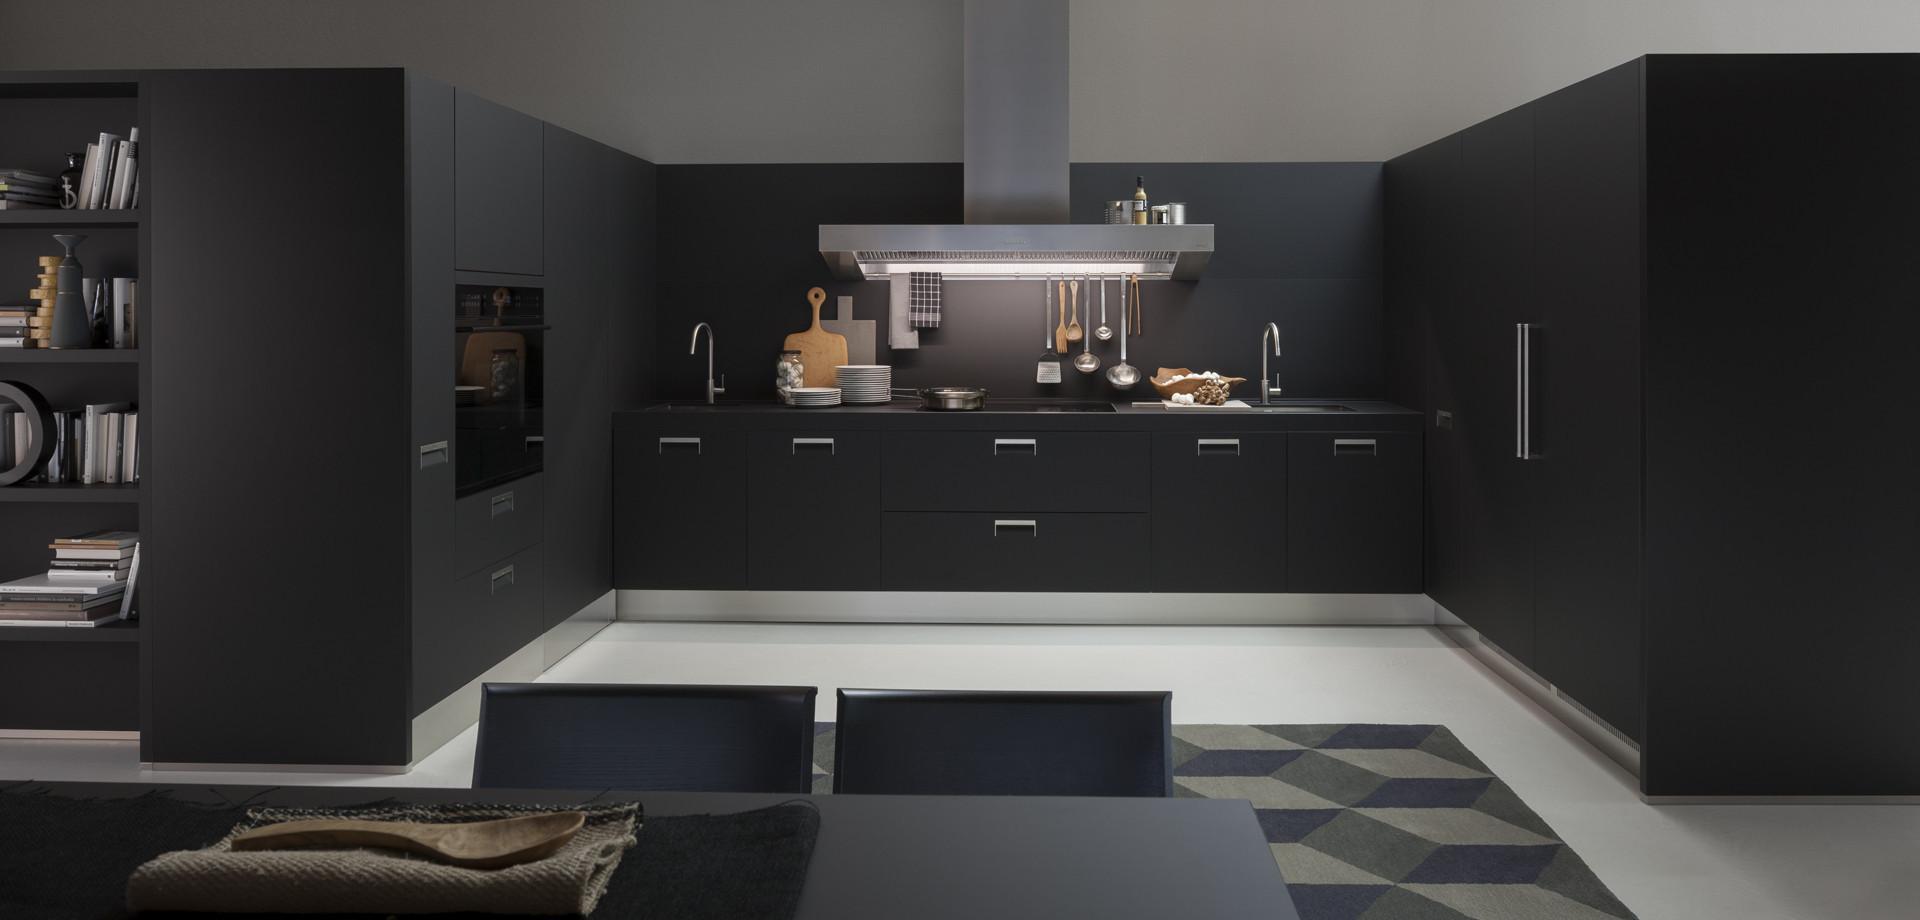 AB Interior | Agencement de cuisine, Cuisiniste Morges Lausanne Aubonne